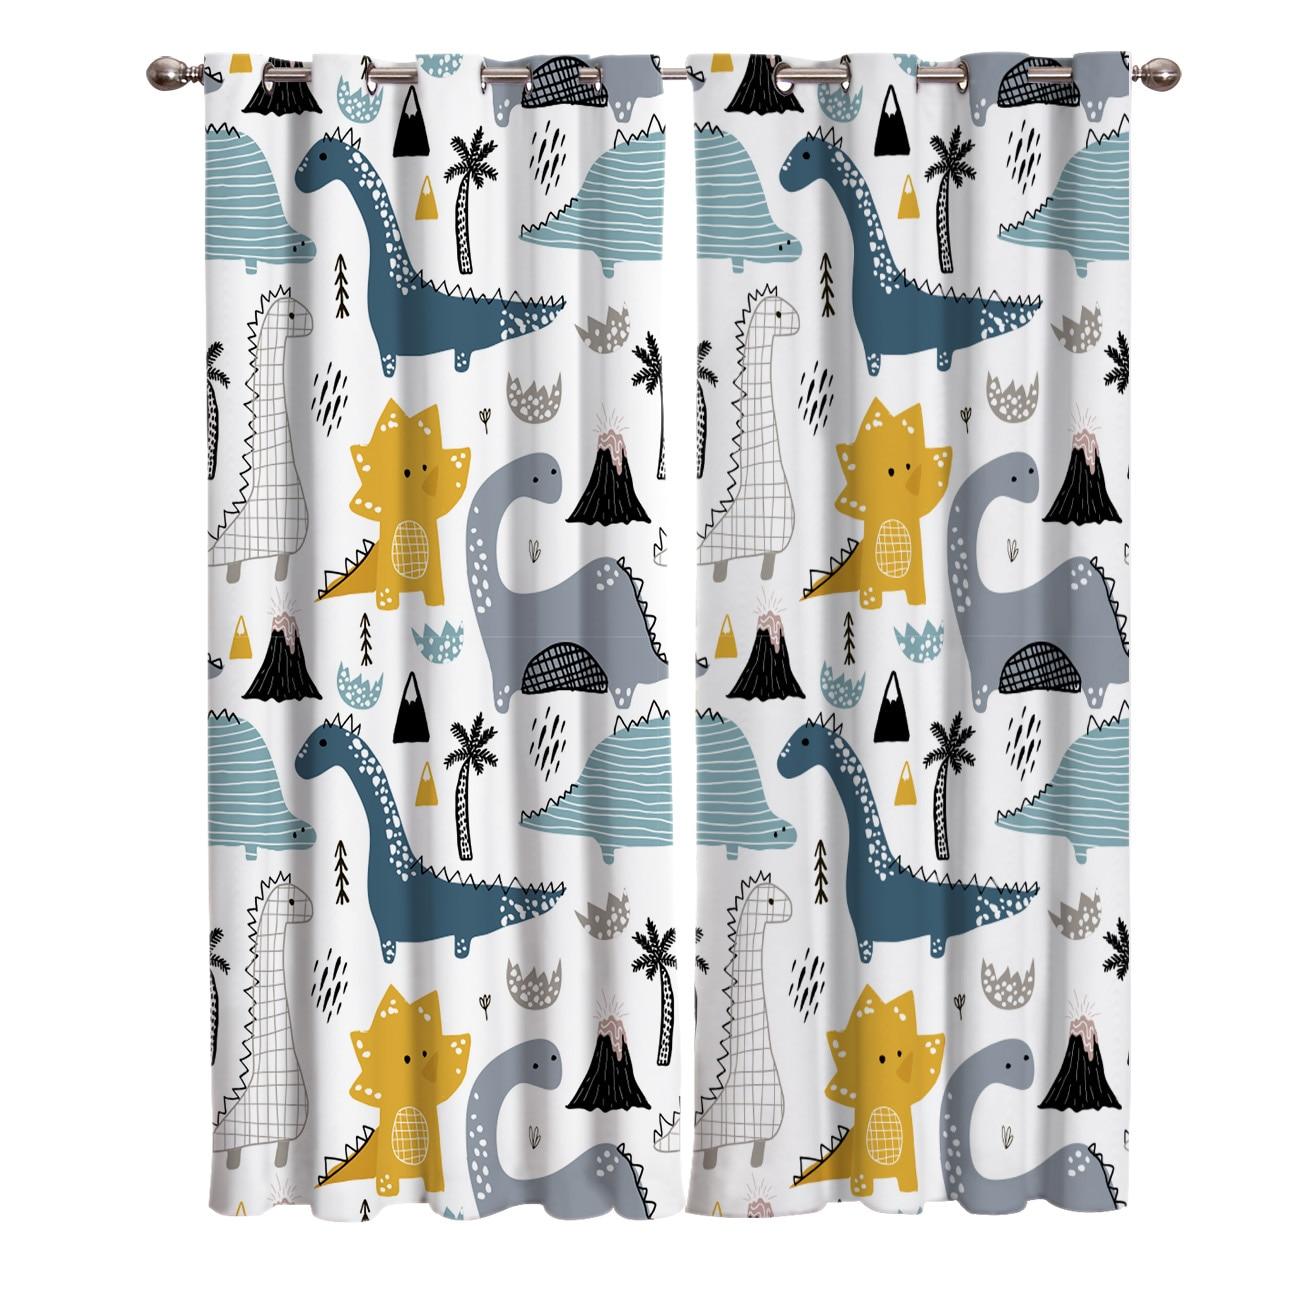 Bonito dos desenhos animados dinossauro cortinas para tratamento de janela cortinas janela cortinas para sala estar quarto cortinas